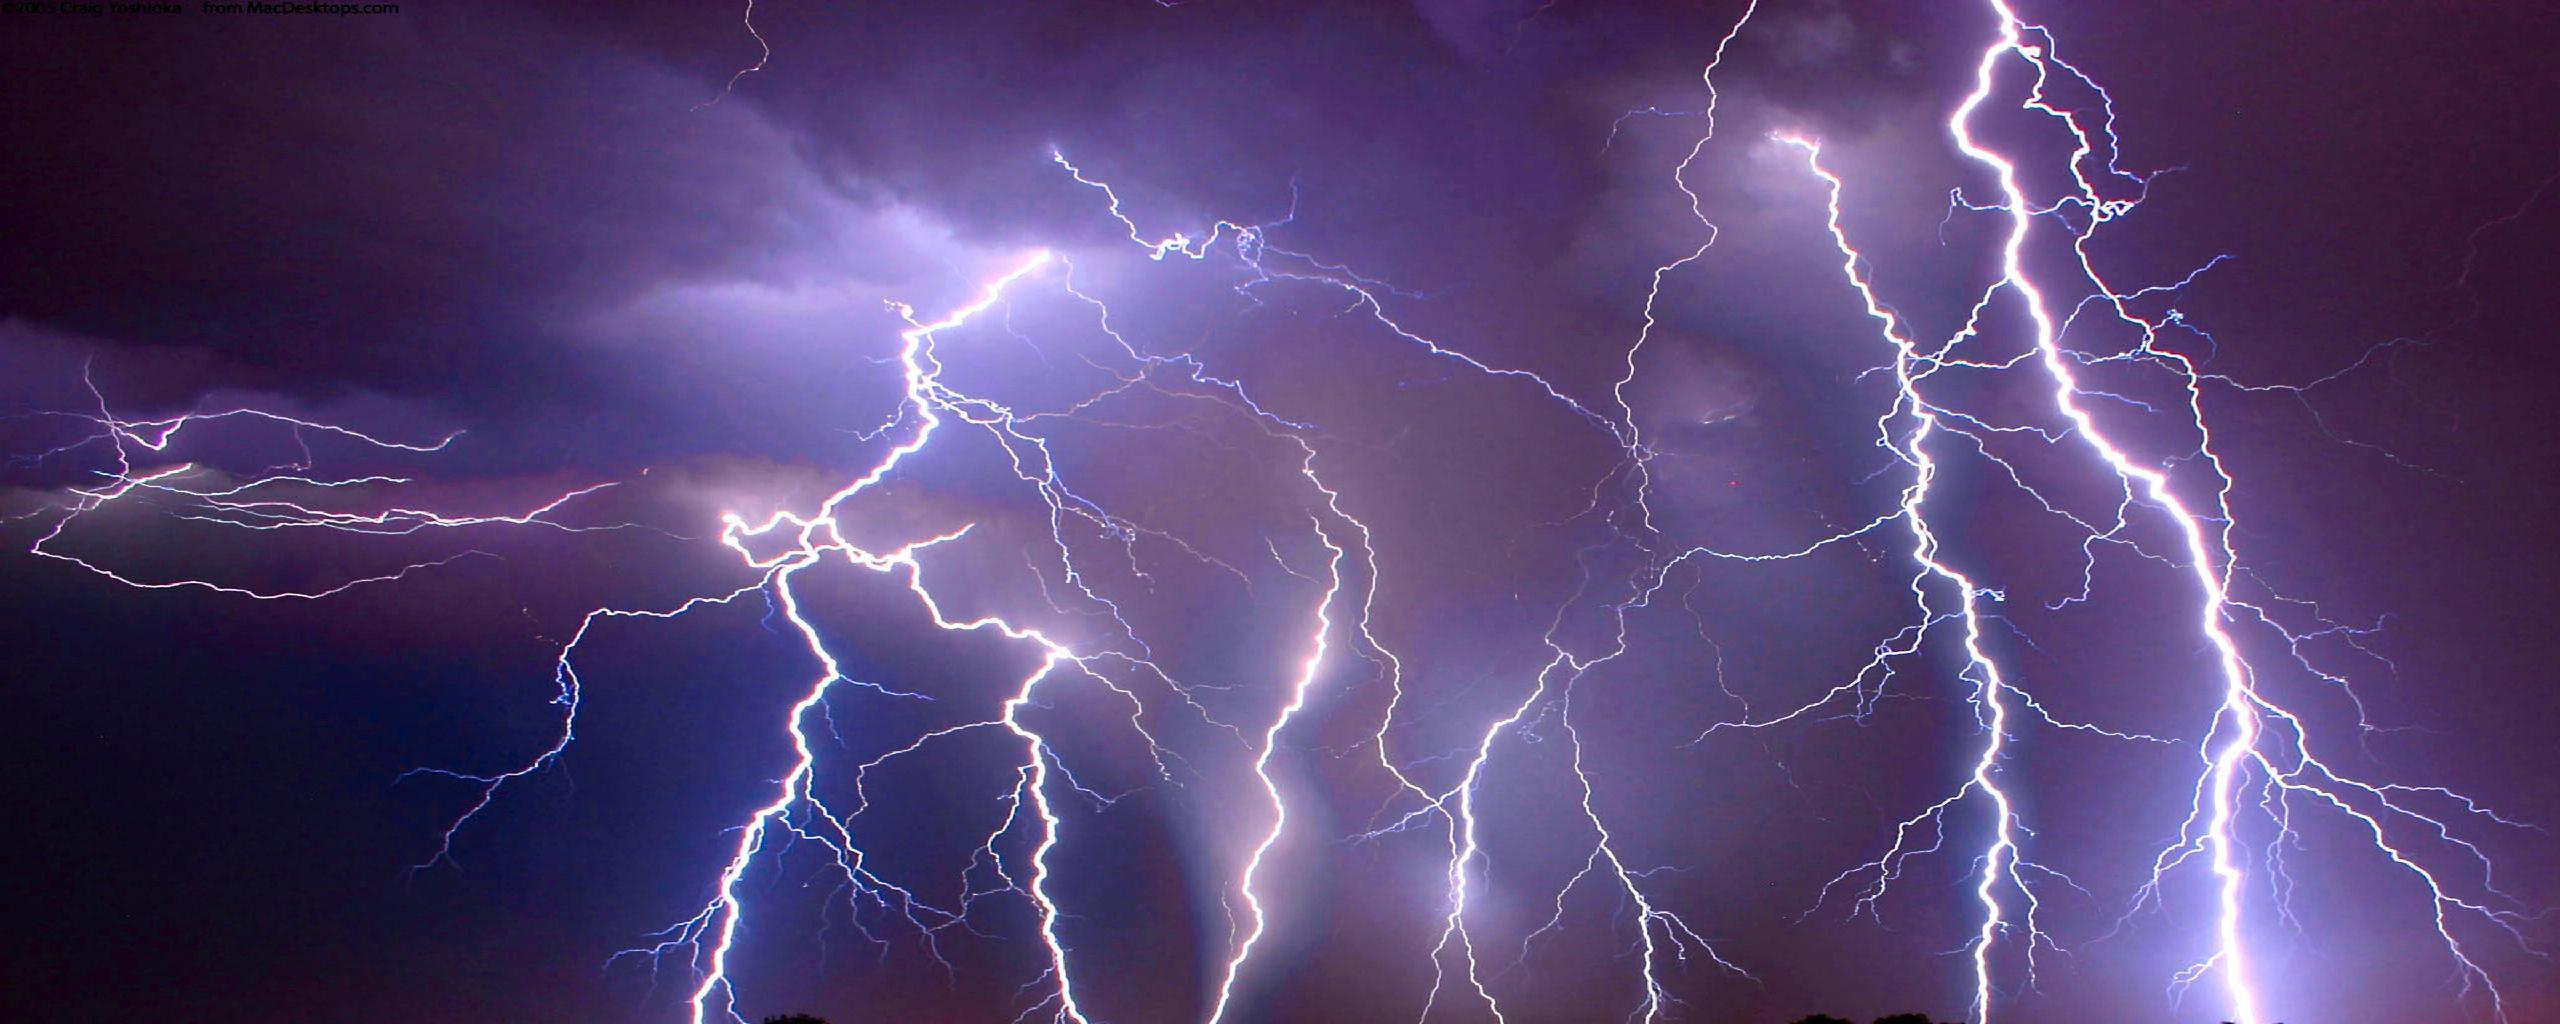 Free Download Storm Lightning Wallpaper 2560x1024 Storm Lightning 2560x1024 For Your Desktop Mobile Tablet Explore 47 Free Lightning Wallpaper Lightning Hd Wallpapers Lightning Pics Wallpaper Live Wallpapers Lightning